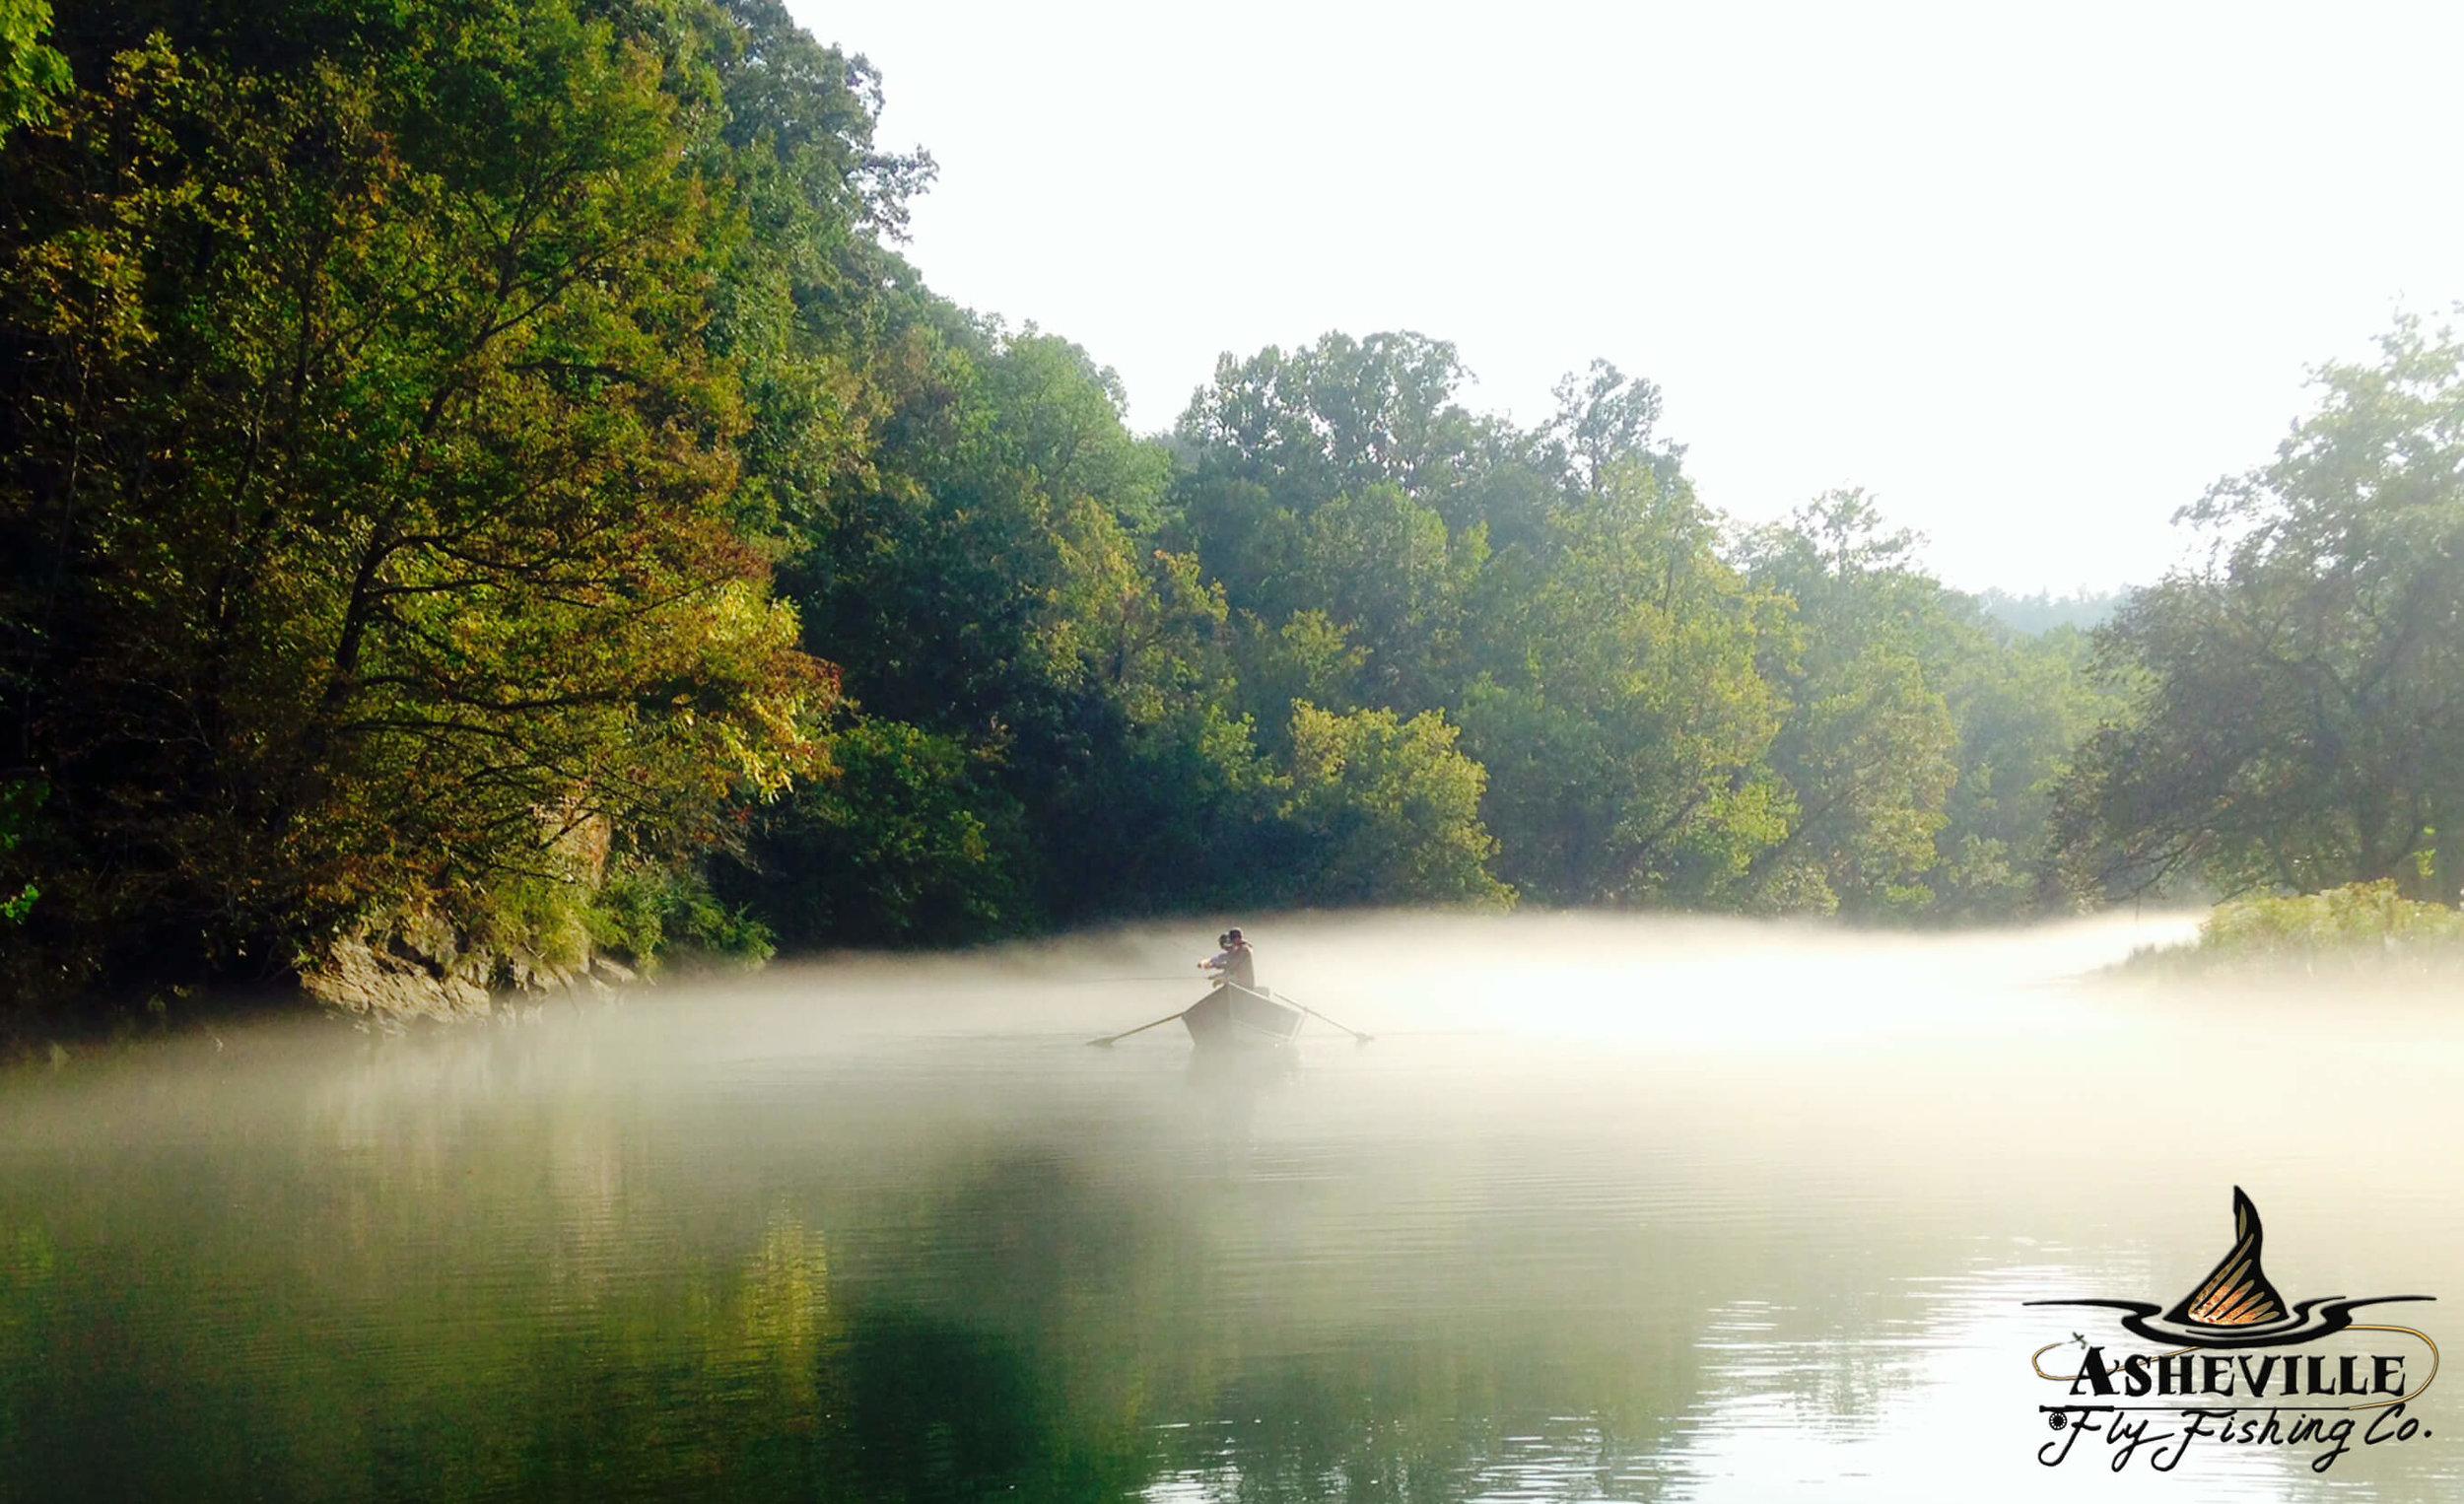 Asheville fly fishing2 - Galen Kipar.jpg